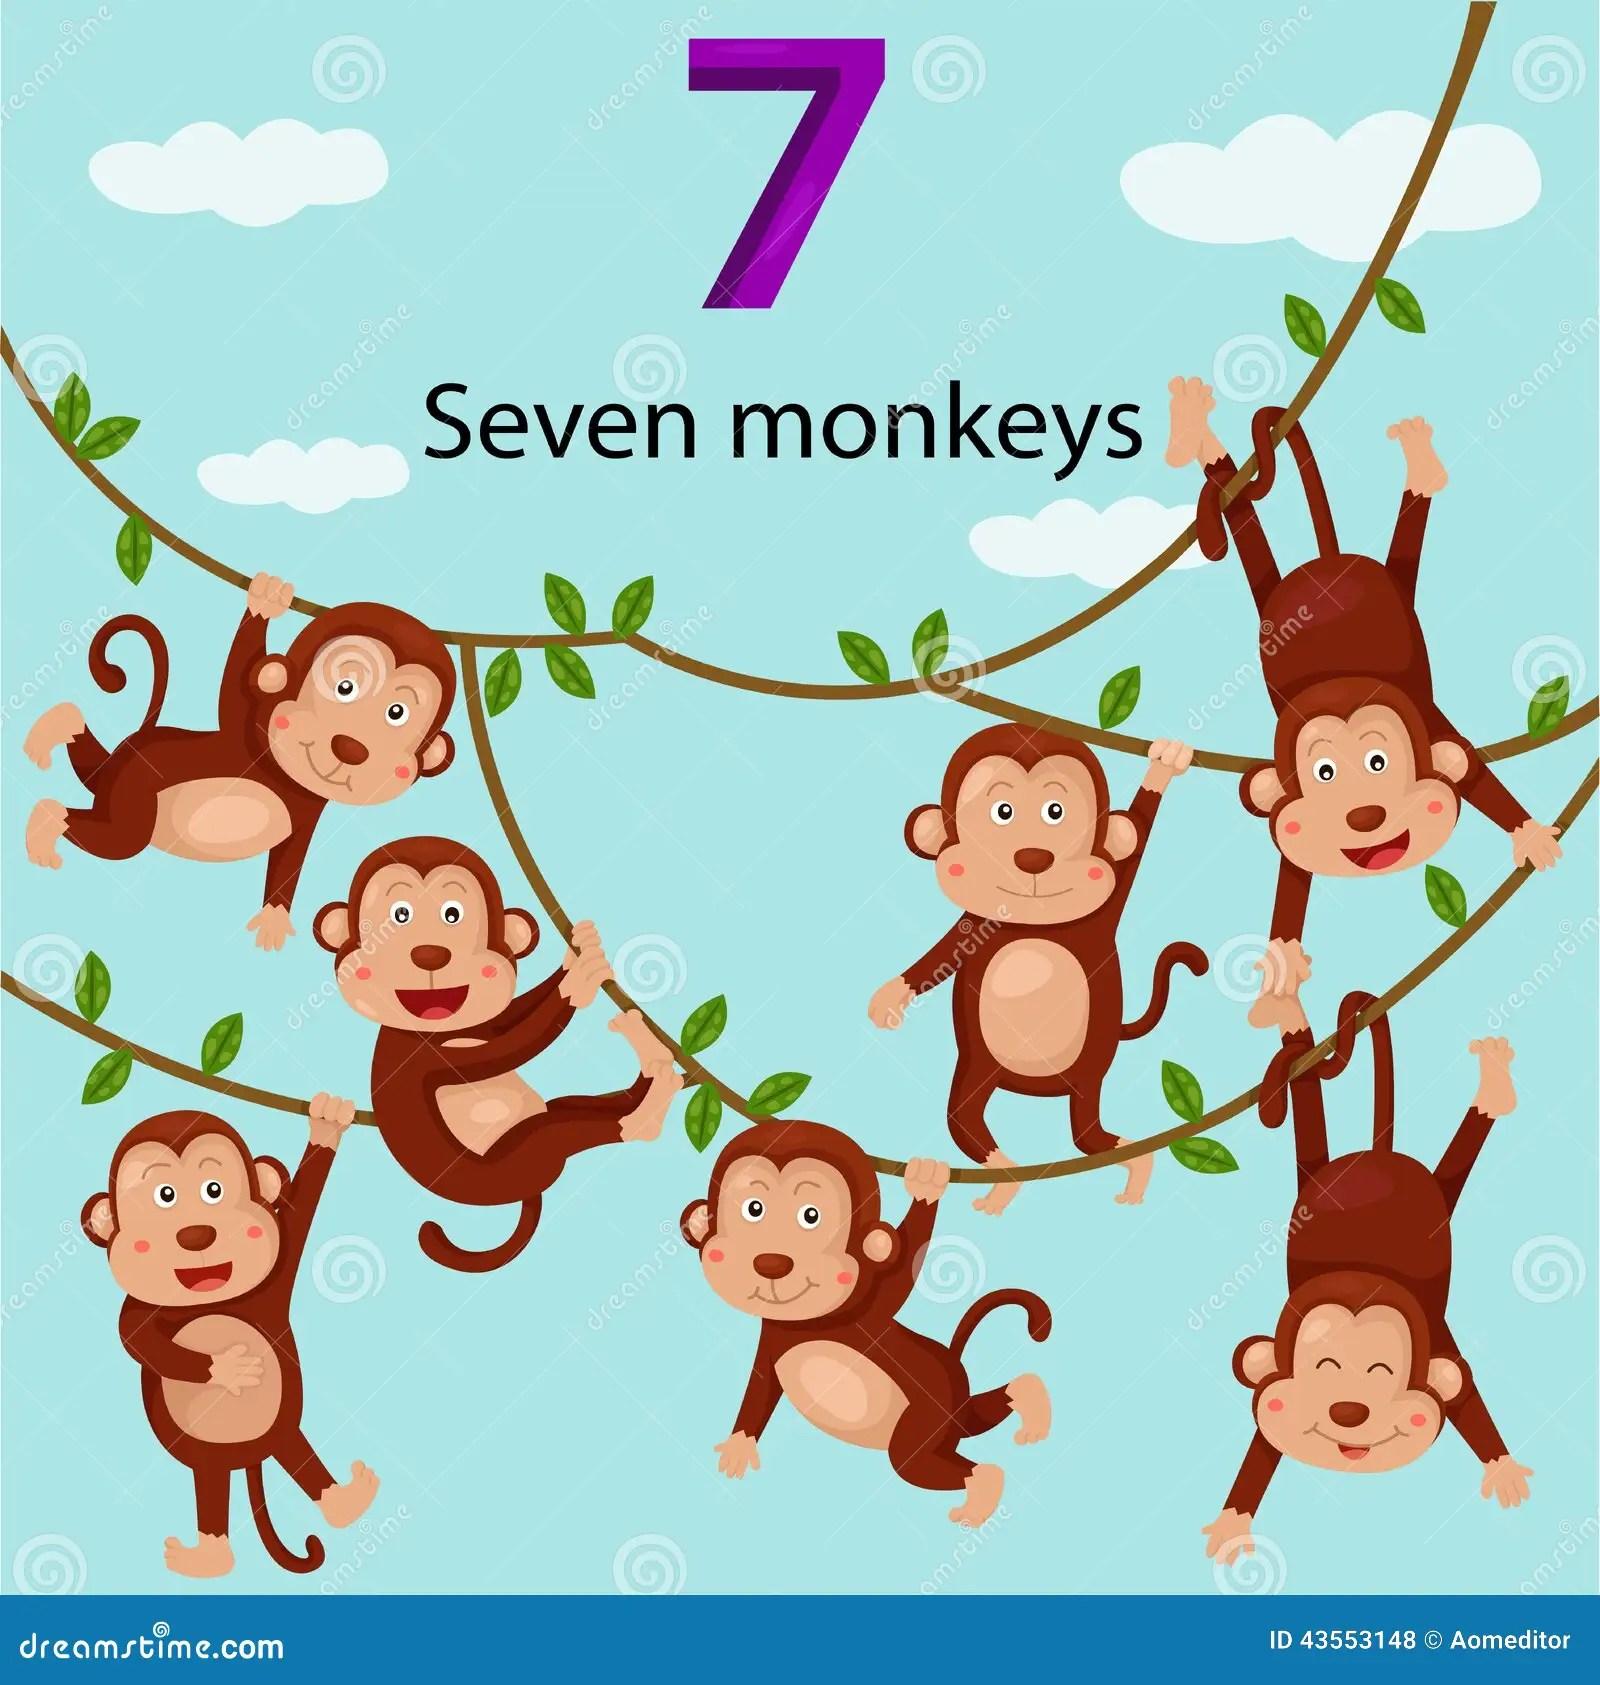 Illustrator Of Number Seven Monkeys Stock Vector